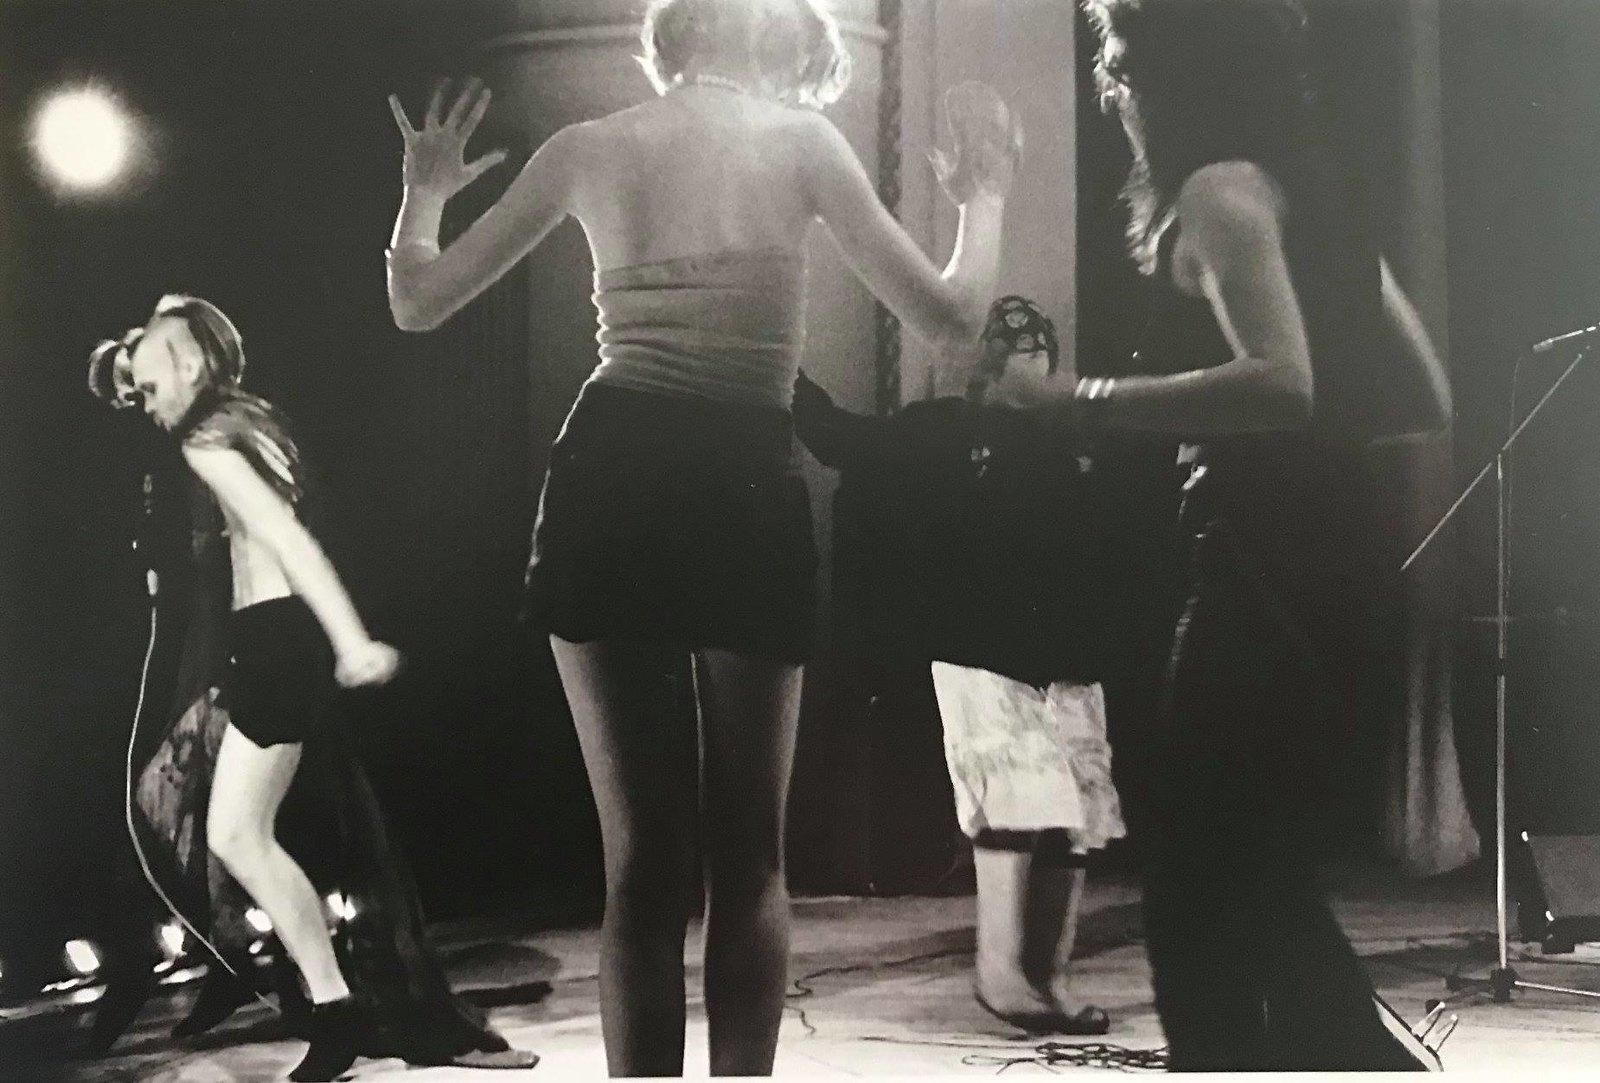 11. 1988. Группа «Тупые», Авдотья Смирнова, ДК Горбунова